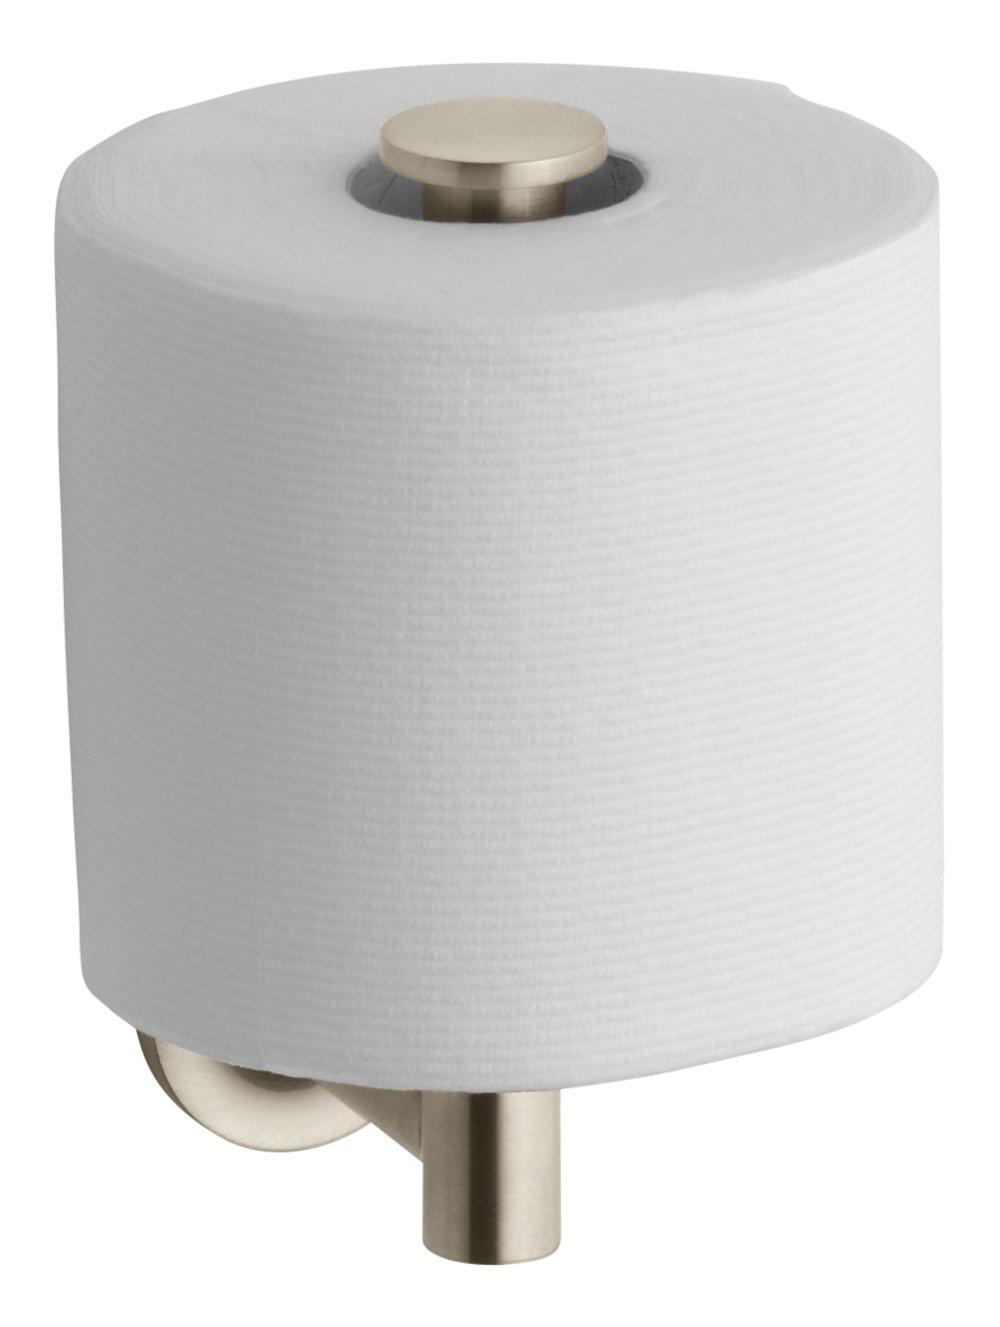 Kohler K-14444-BV Purist Toilet Tissue Holder, Vibrant Brushed Bronze by Kohler